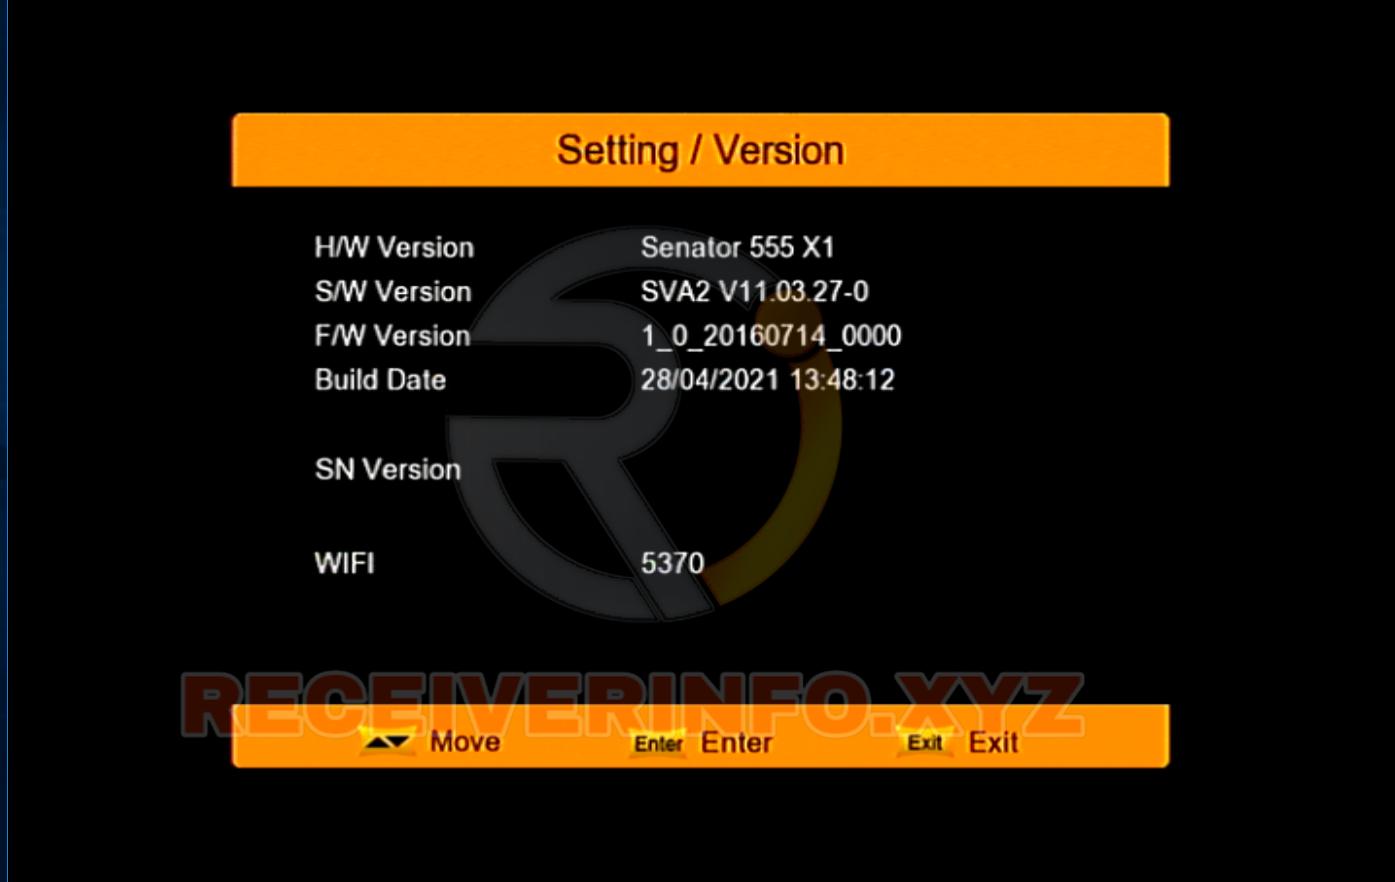 Senator 555 X1 1506Tv Receiver New Software 2021 Sva2 V11-03-27